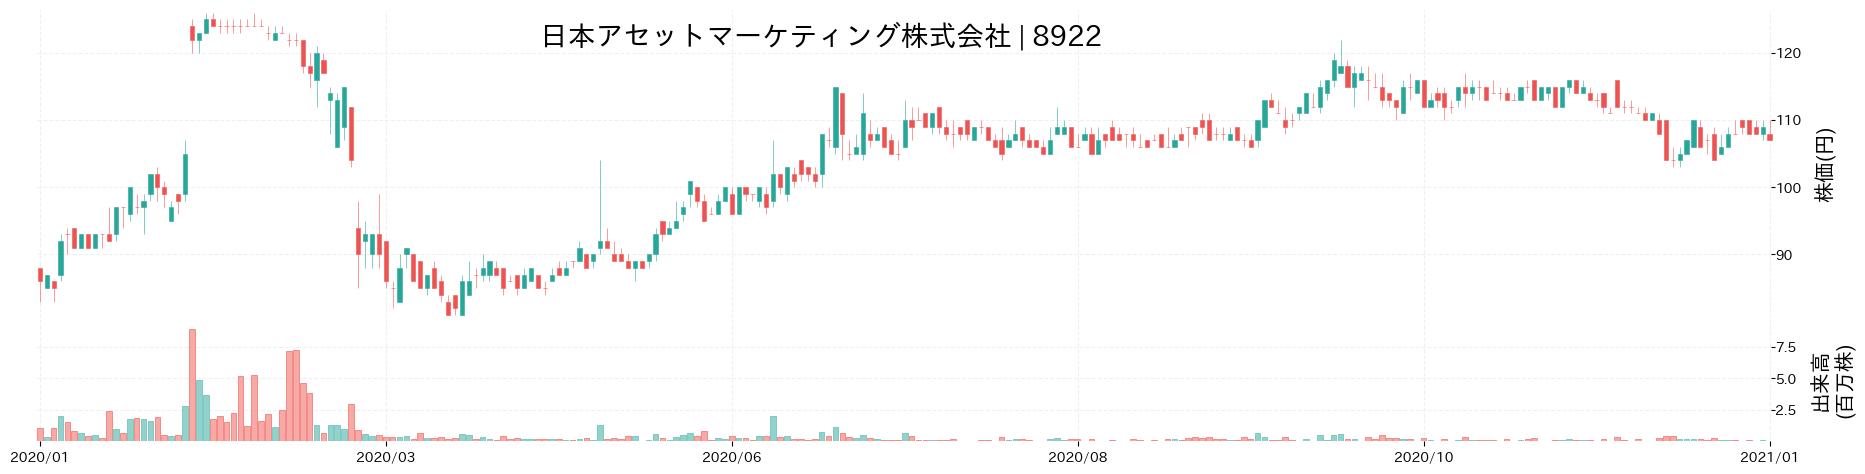 日本アセットマーケティング株式会社の株価推移(2020)